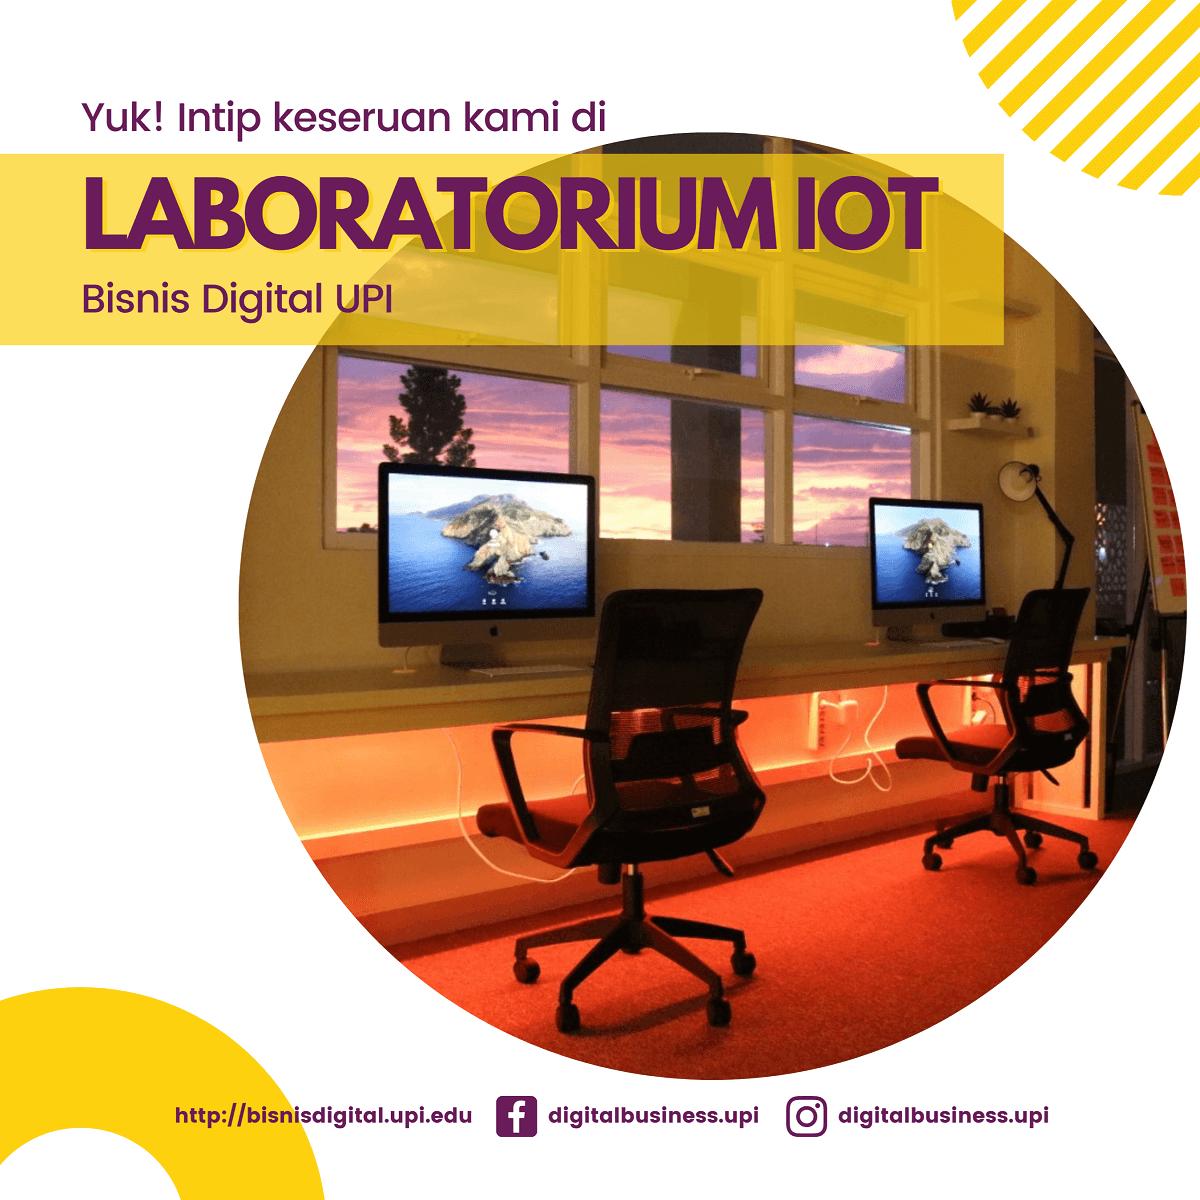 Lab IoT Bisnis Digital UPI